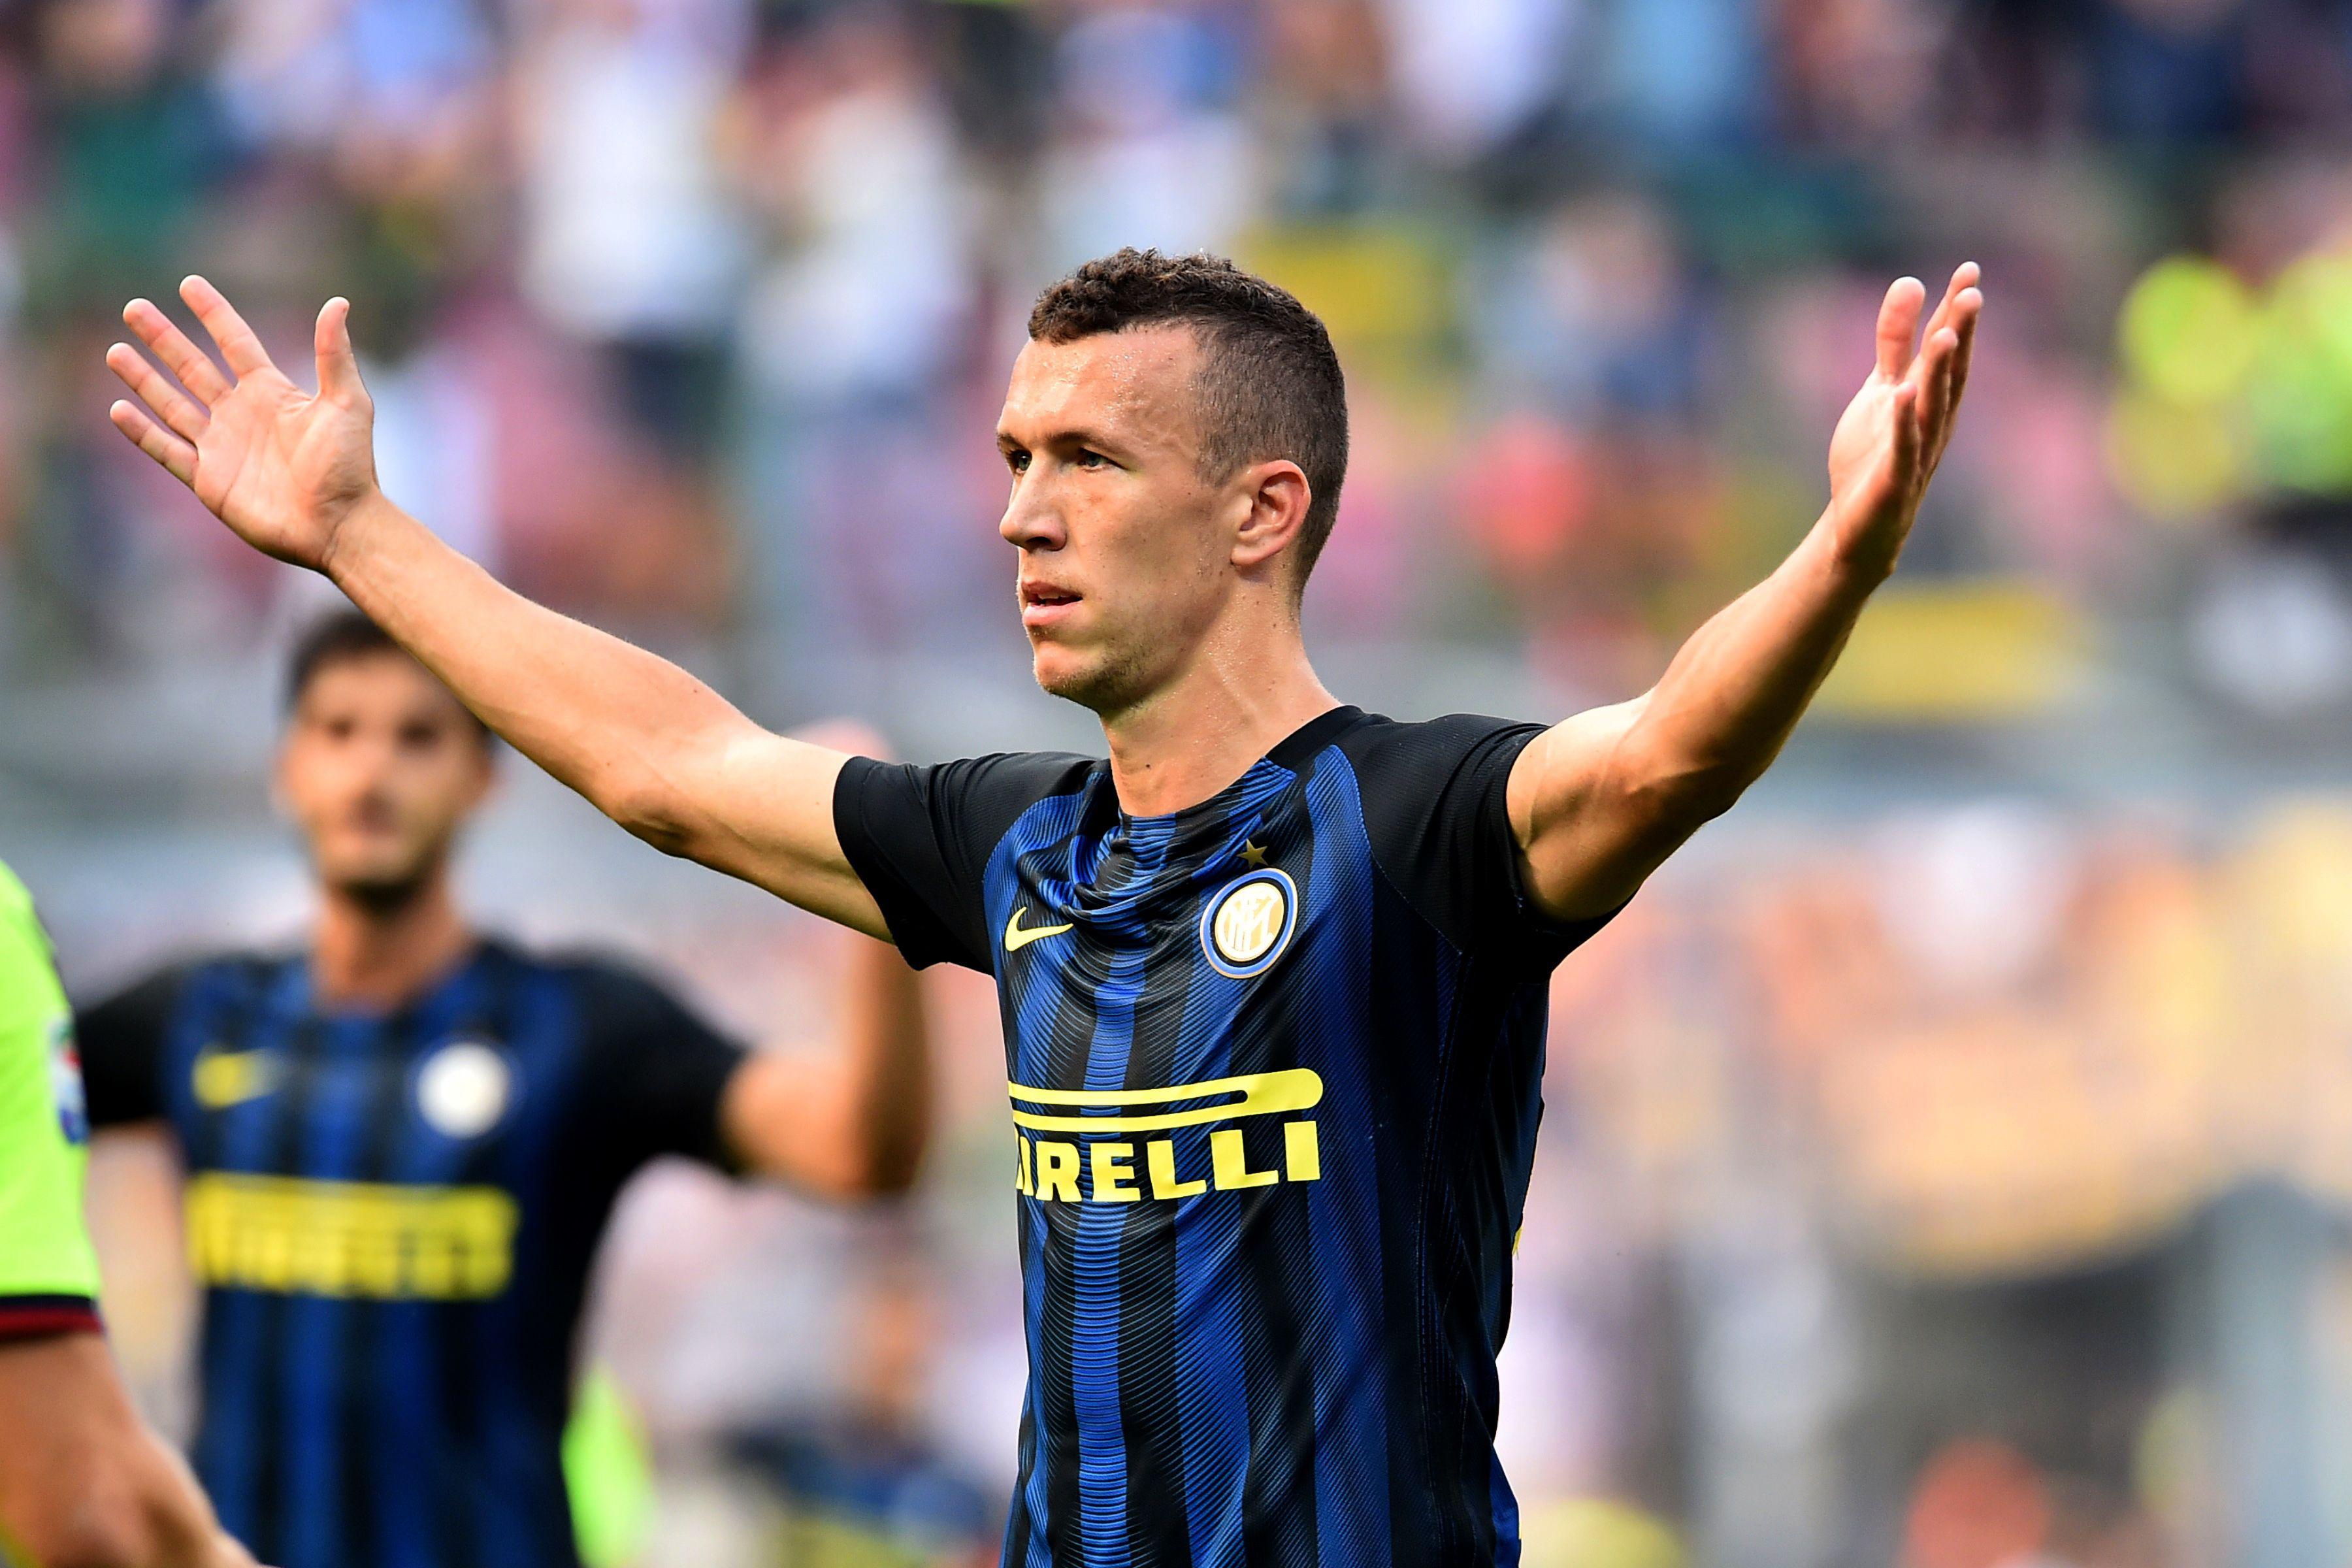 Il Bologna ferma l'Inter, a San Siro è 1-1 con gol di Destro e Perisic